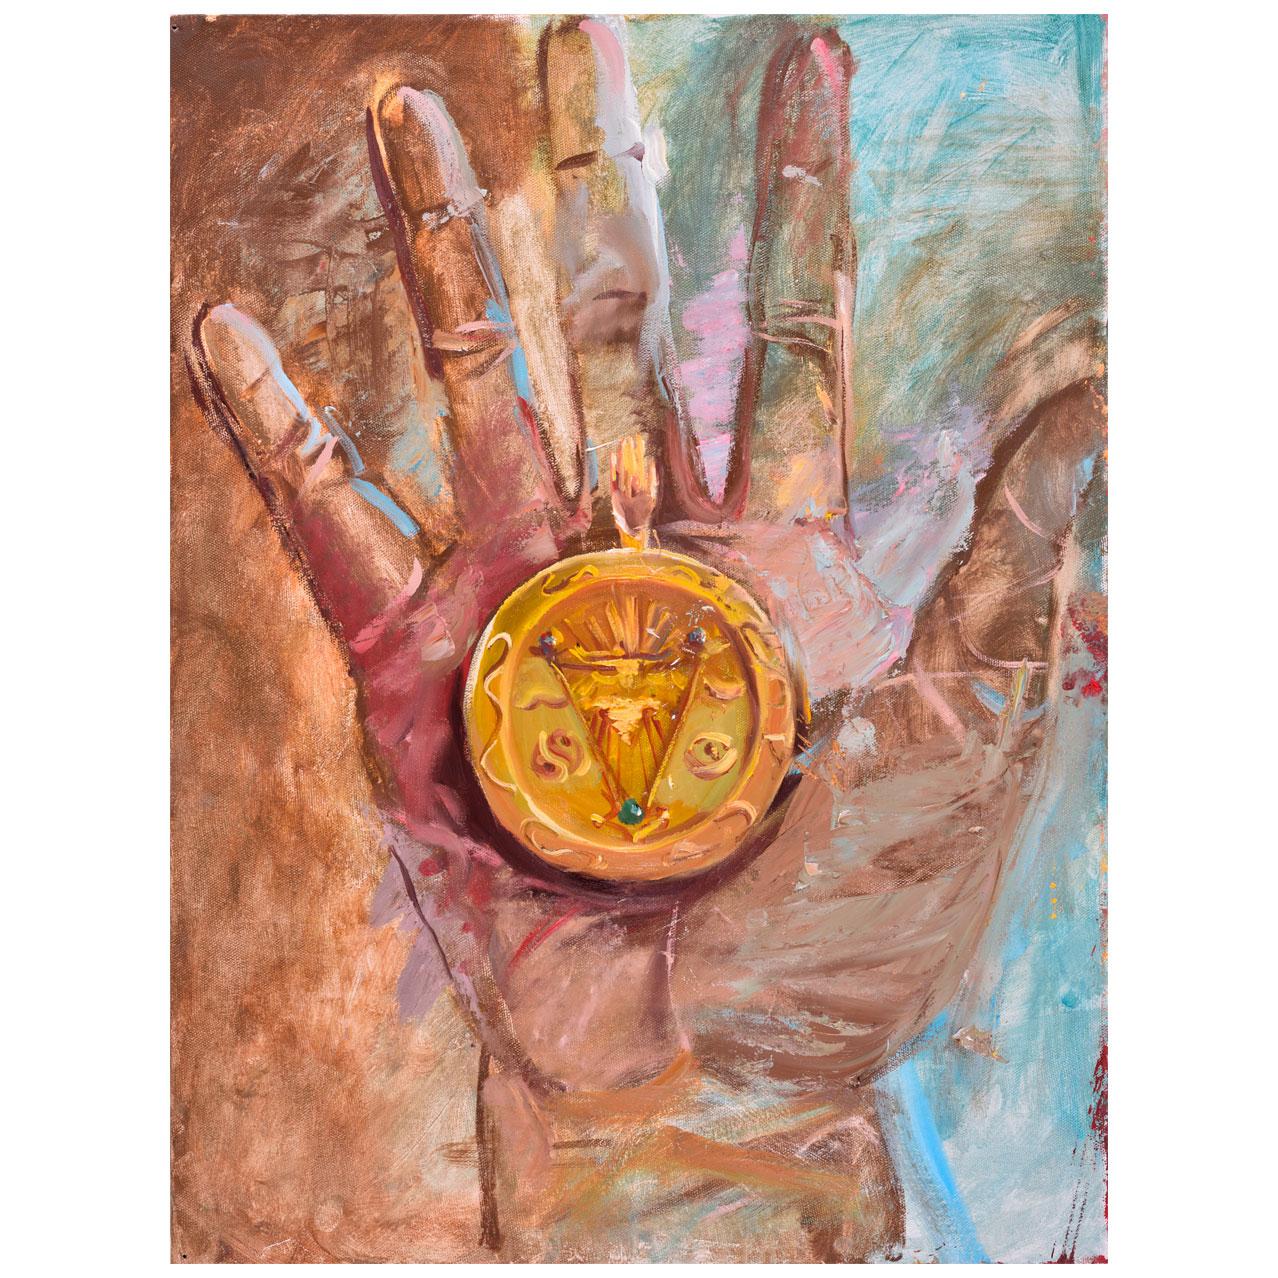 Картина Мехди Эбрагими Вафа «Личный медальон». Галерея искусств «Жуковка Арт»